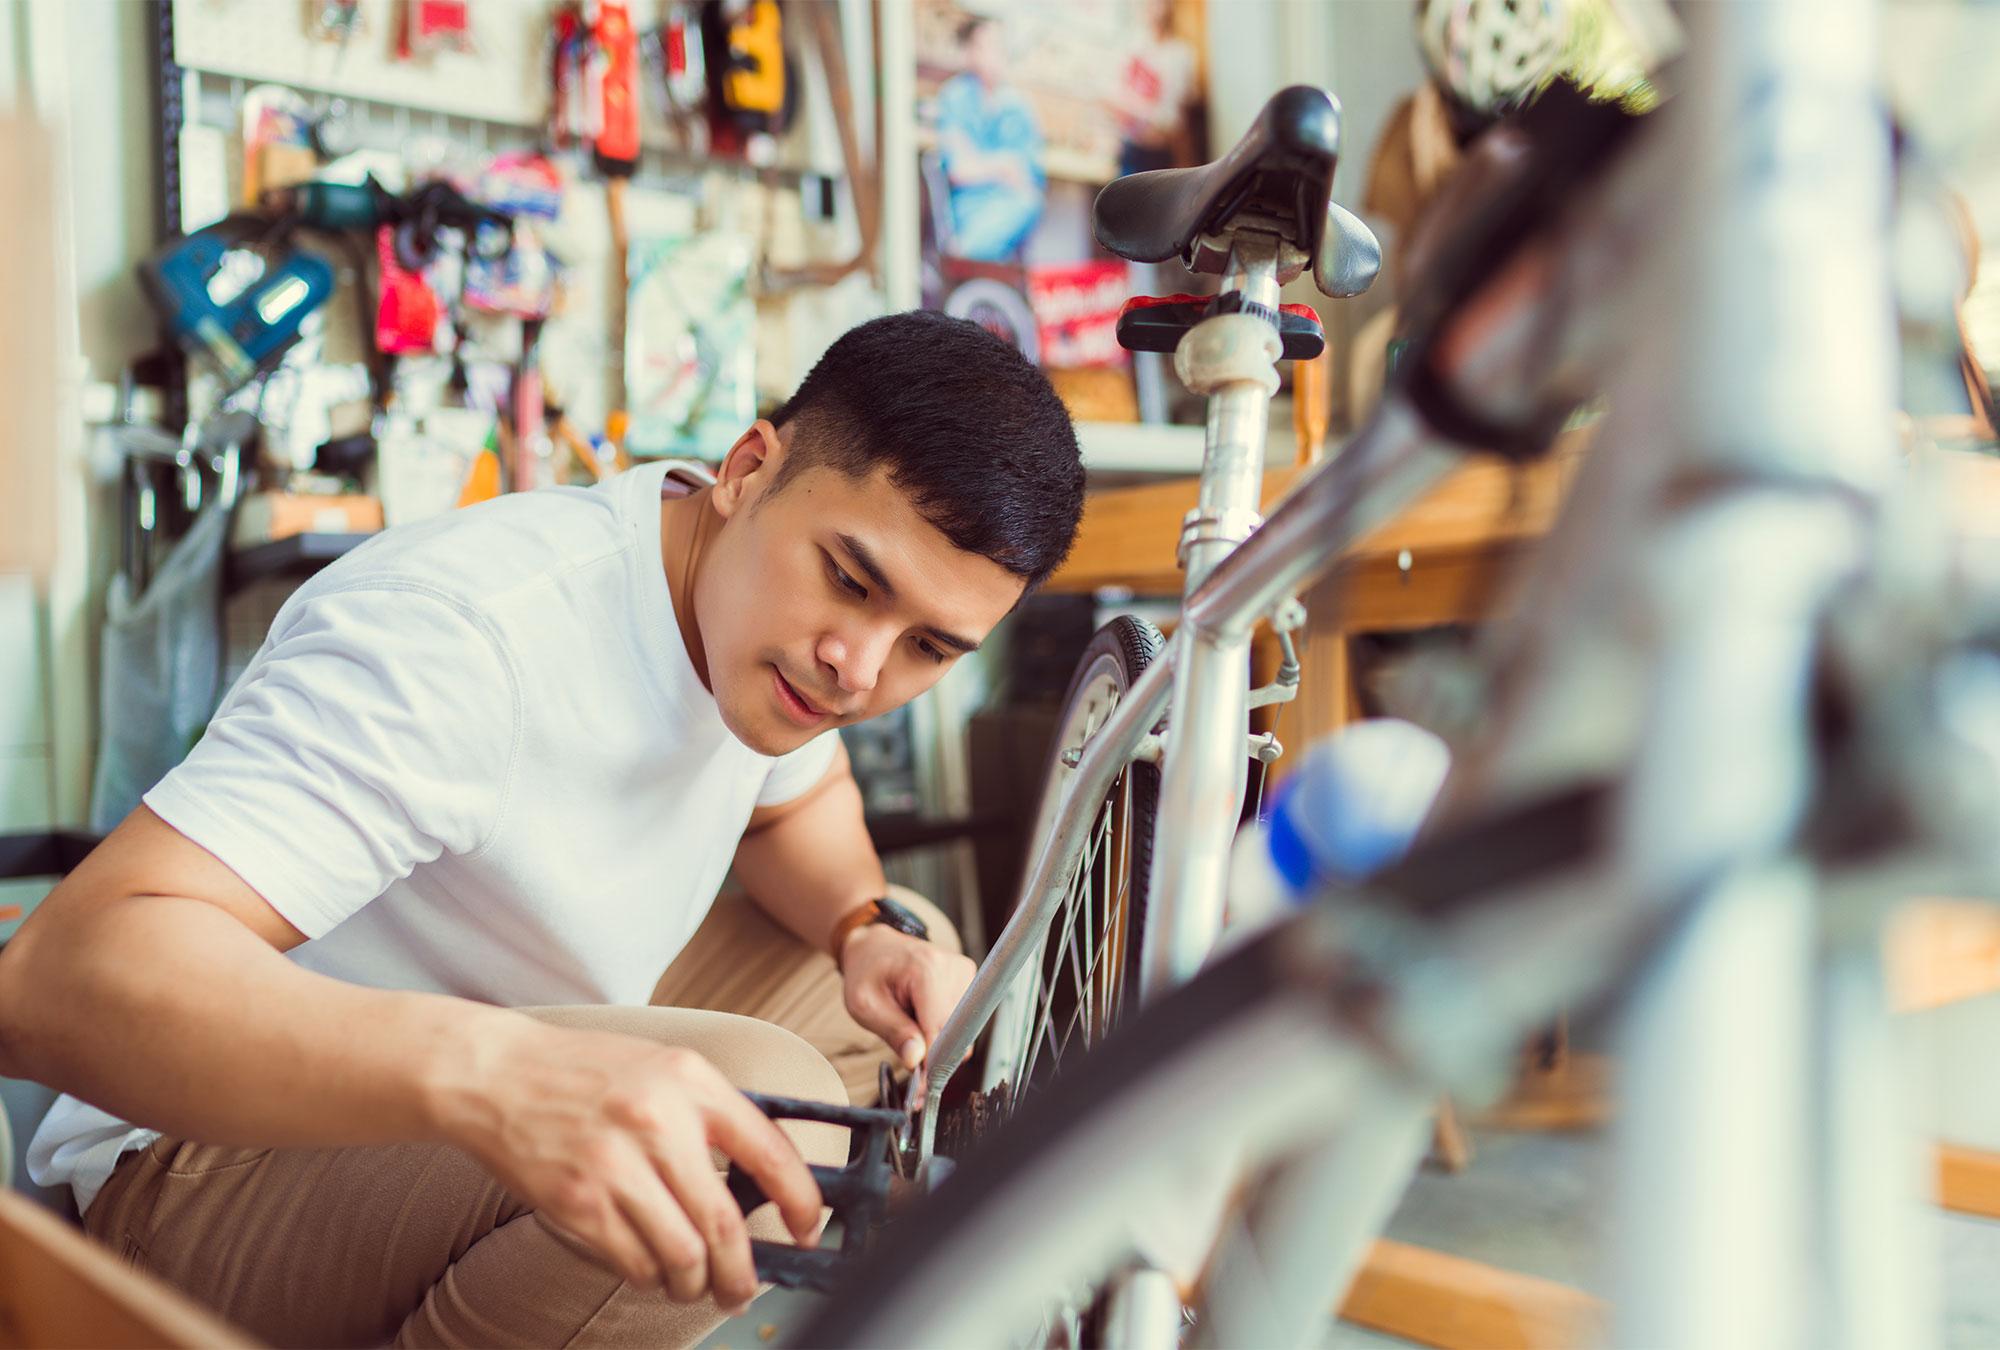 Young man repairing a bike